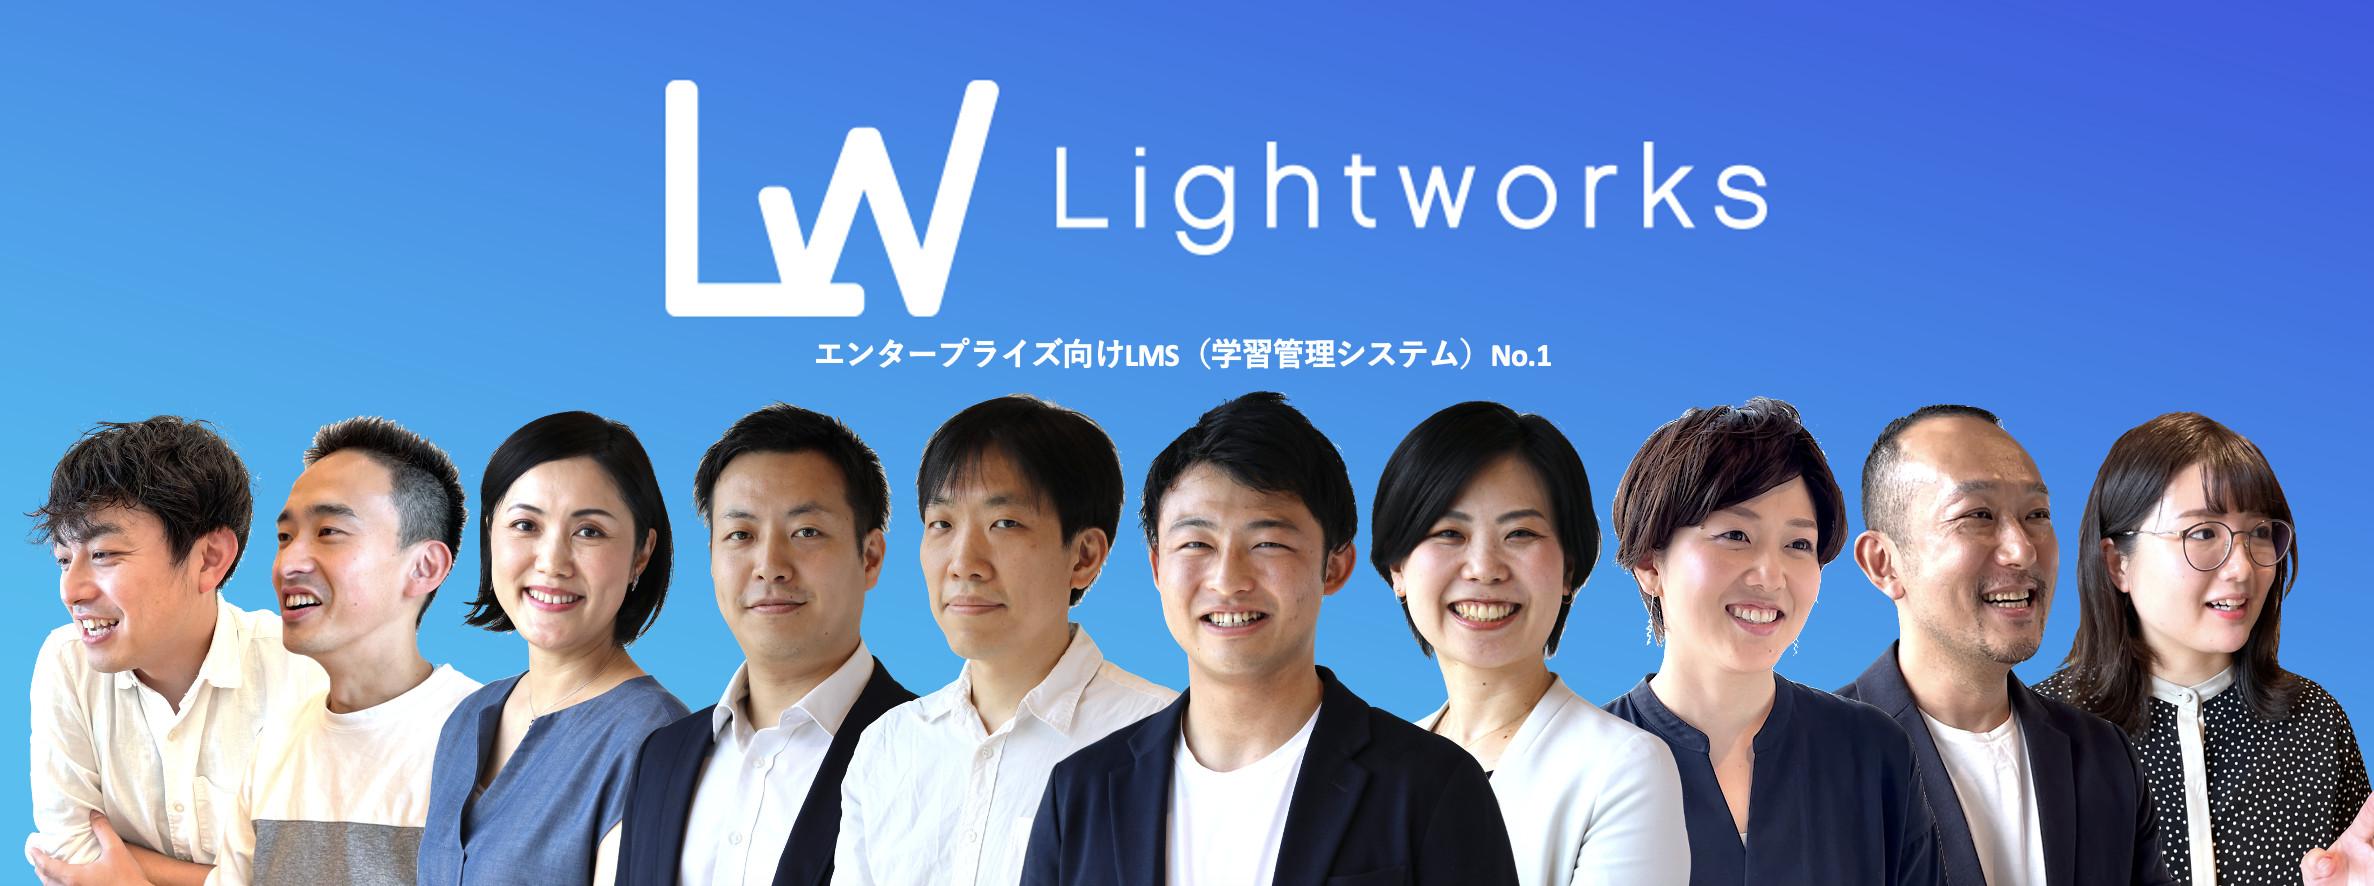 株式会社ライトワークスサムネイル画像